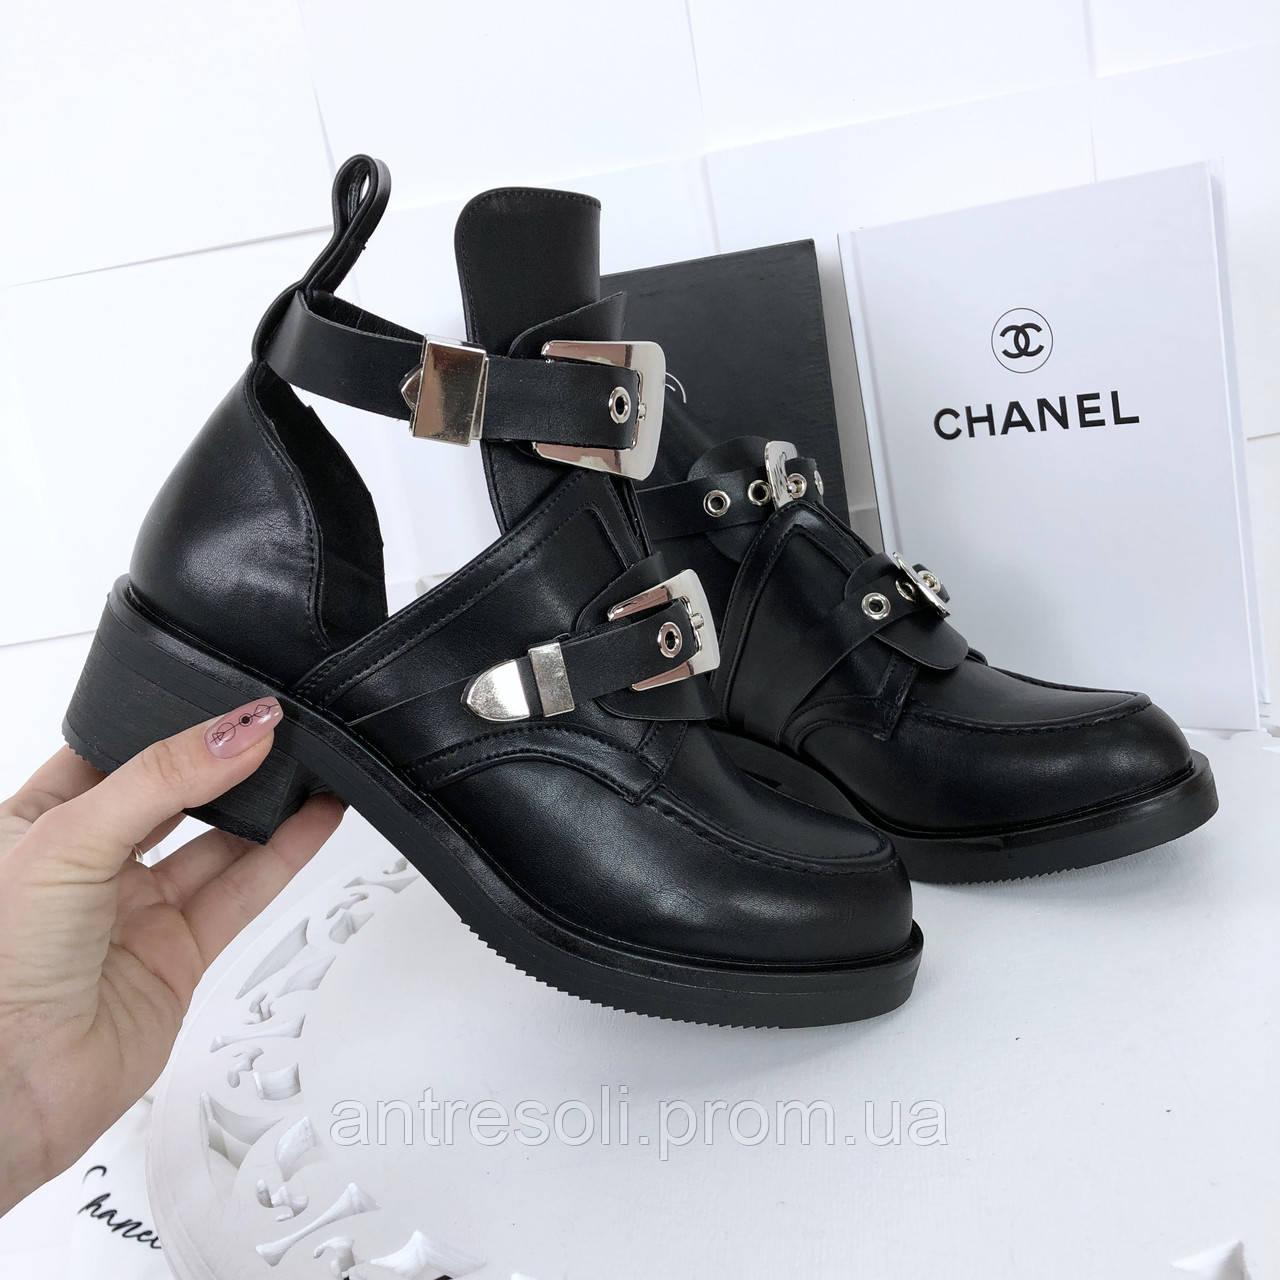 Демисезонные женские ботинки 11936. Экокожа  730 грн. - Черевики ... fd67432fa332d